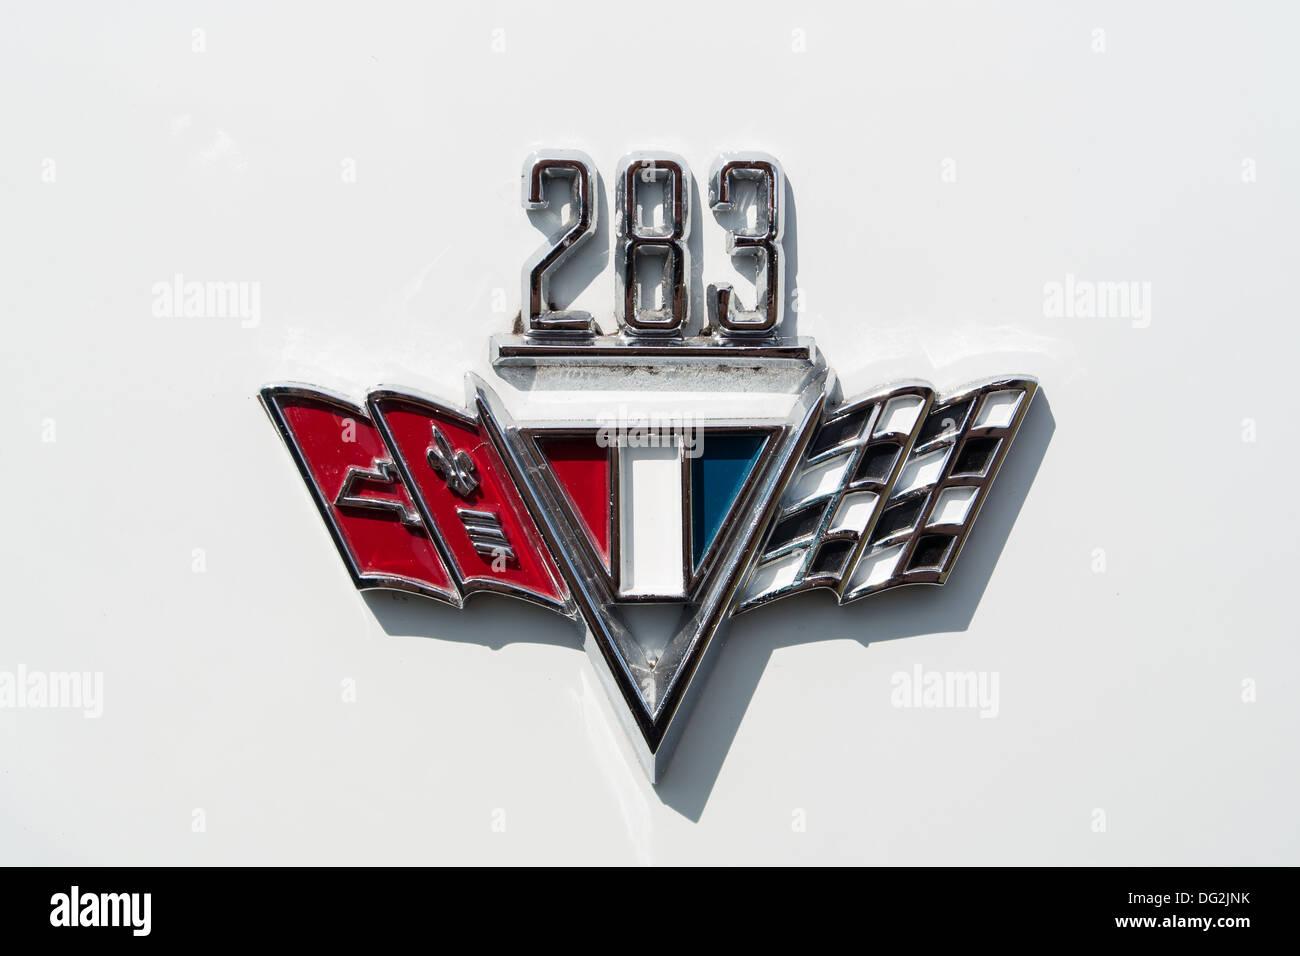 Emblem car chevrolet impala fourth generation stock photo royalty emblem car chevrolet impala fourth generation buycottarizona Images